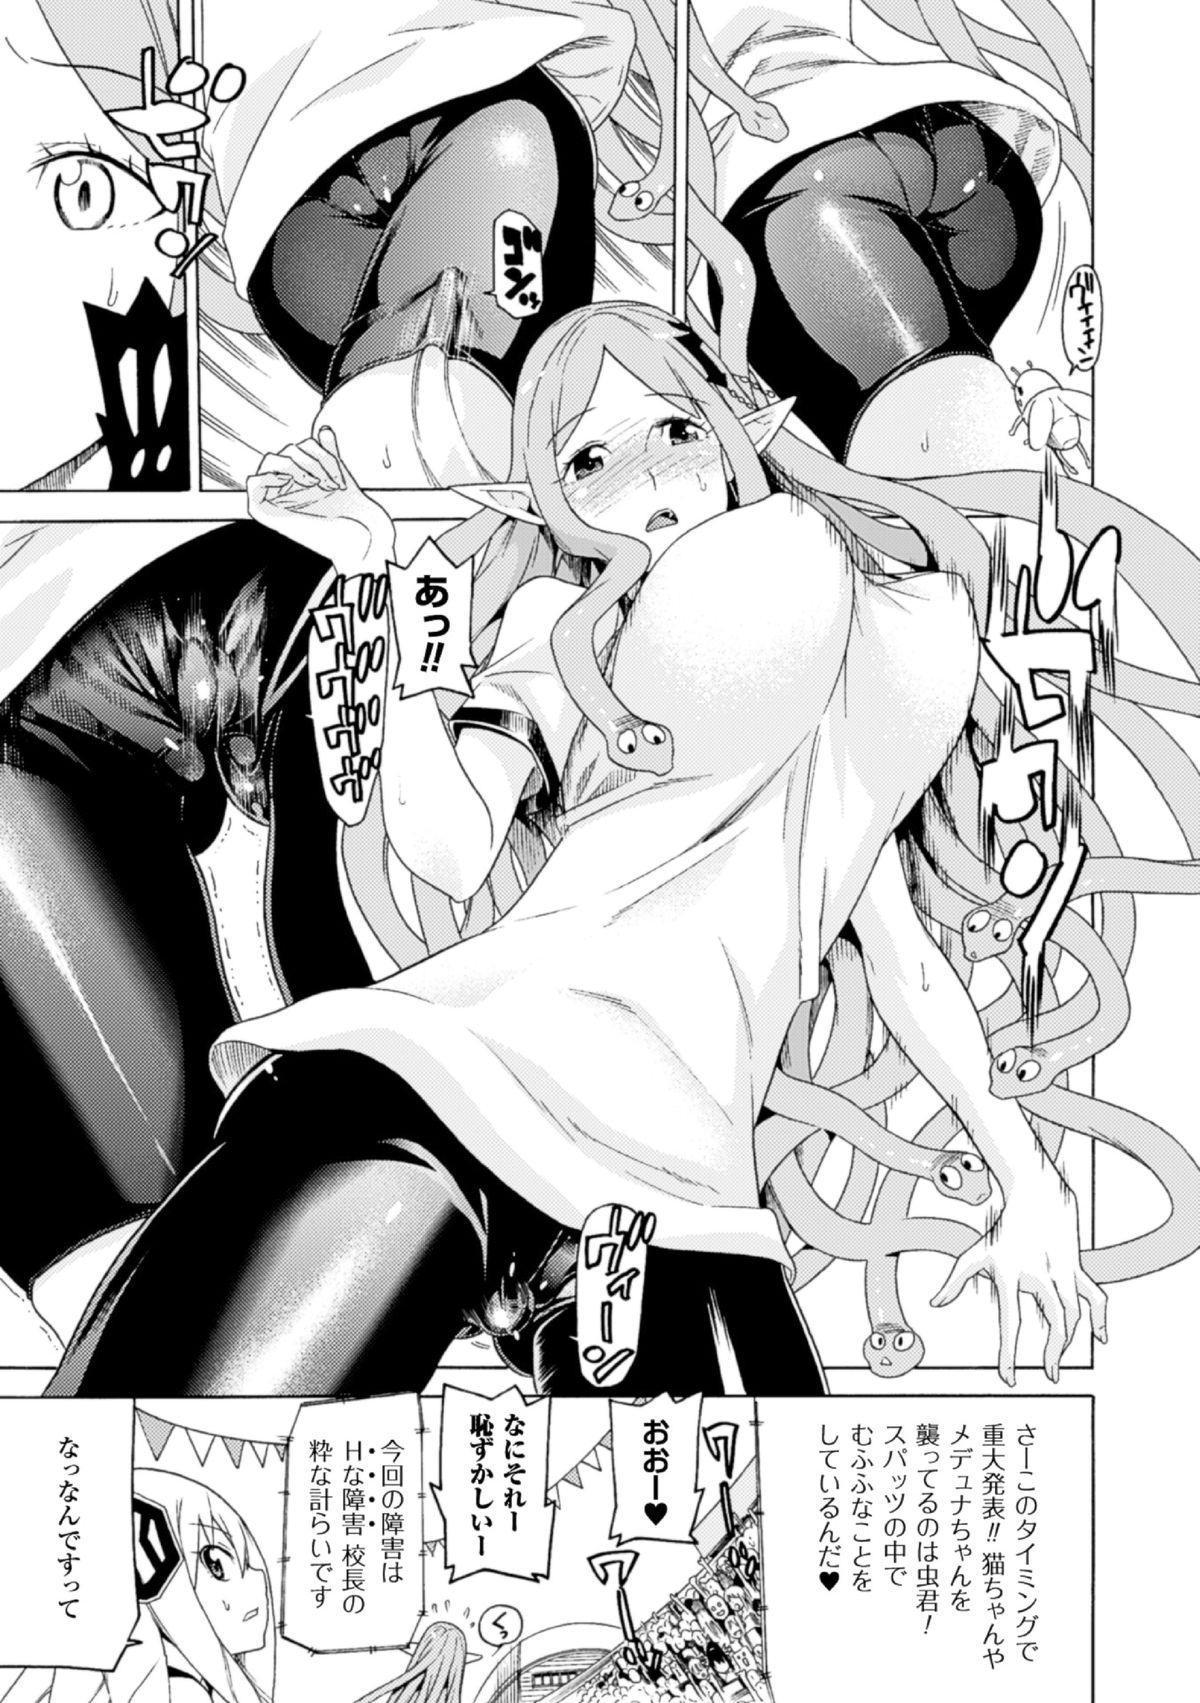 2D Comic Magazine - Monster Musume ga Tsudou Ishuzoku Gakuen e Youkoso! Vol. 2 6